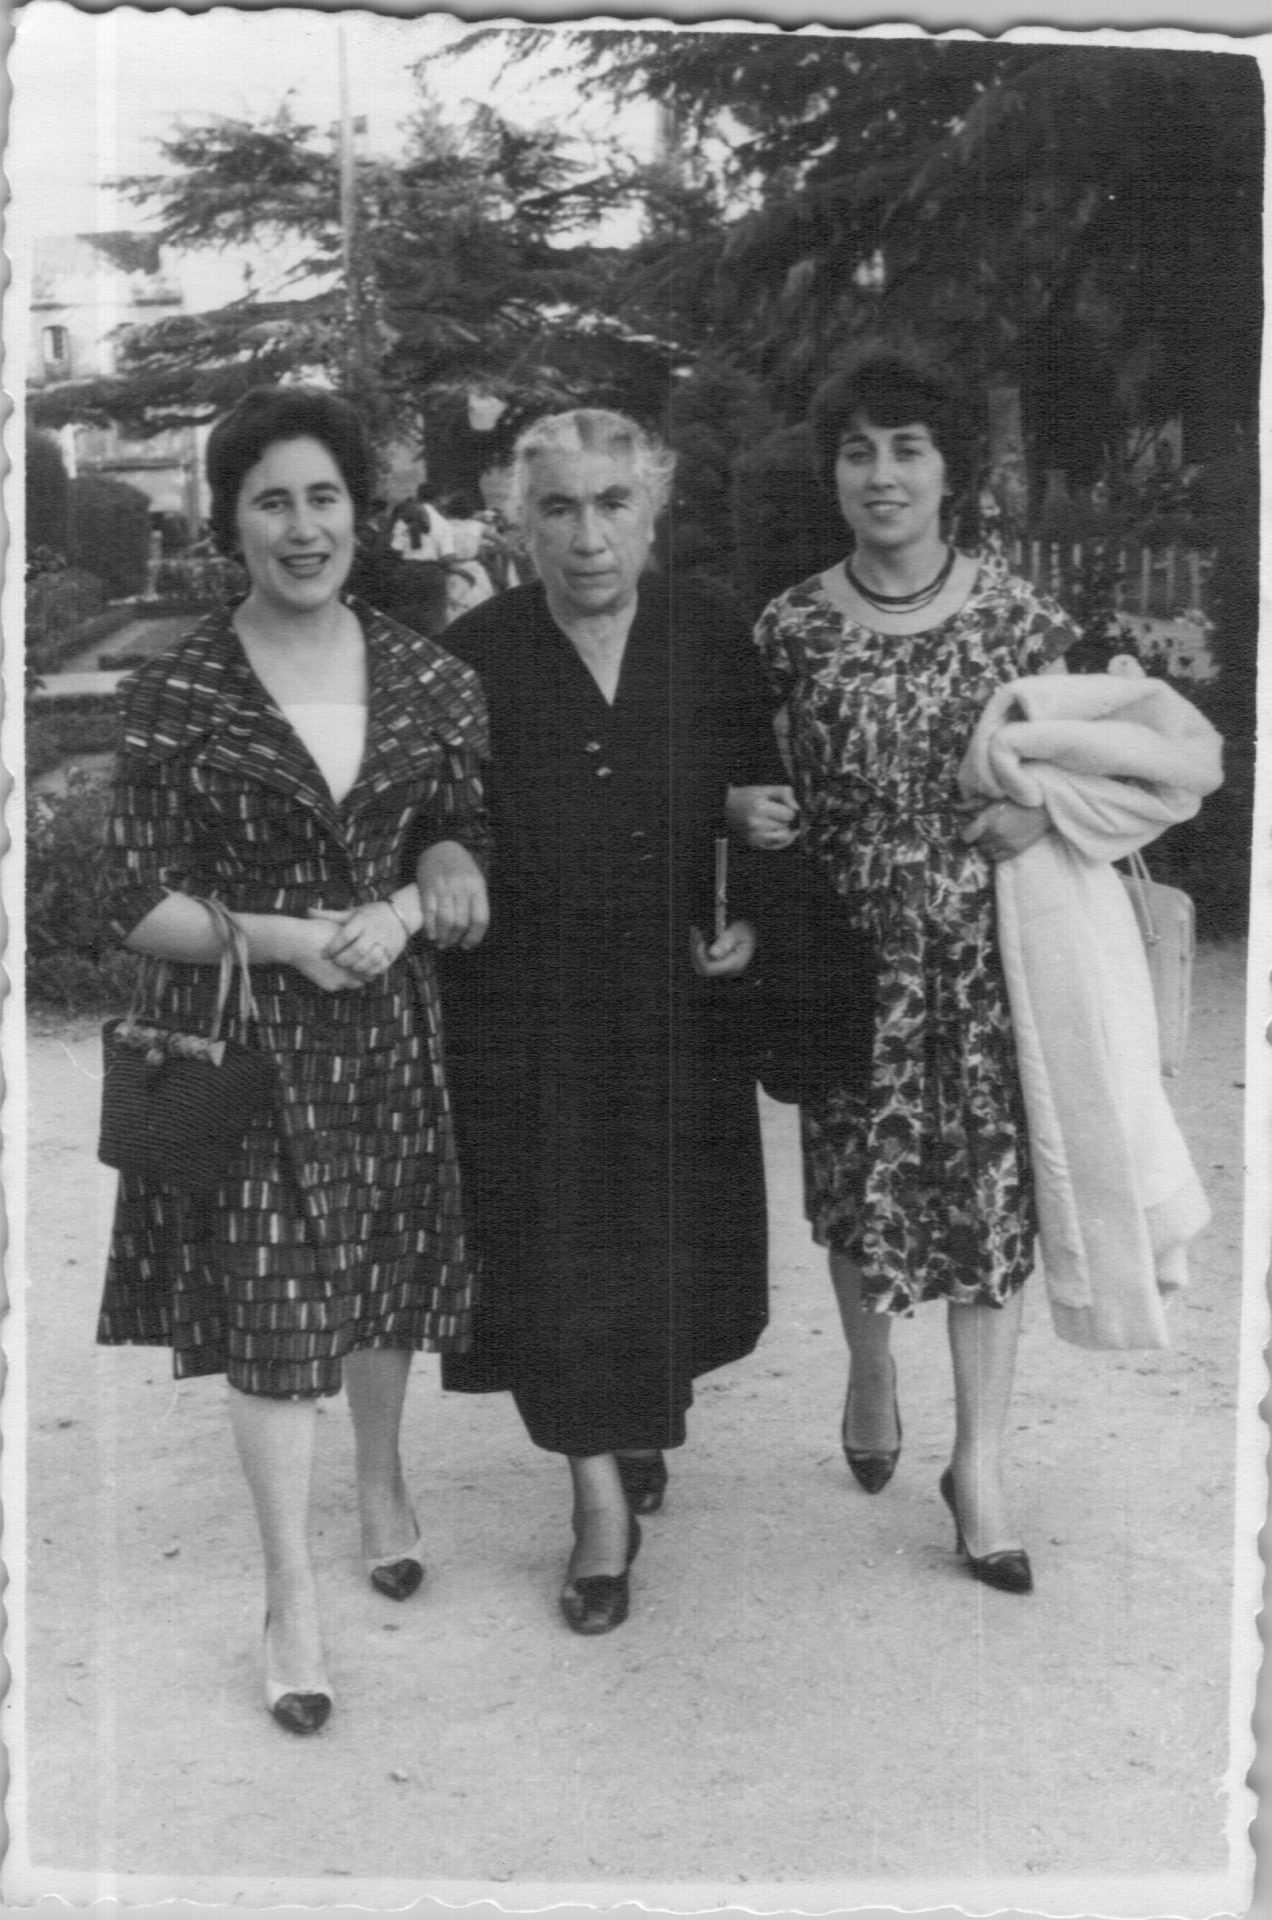 Lita Arosa, á esquerda, coa señora Pepa e a sua filla Mayra Maruchi